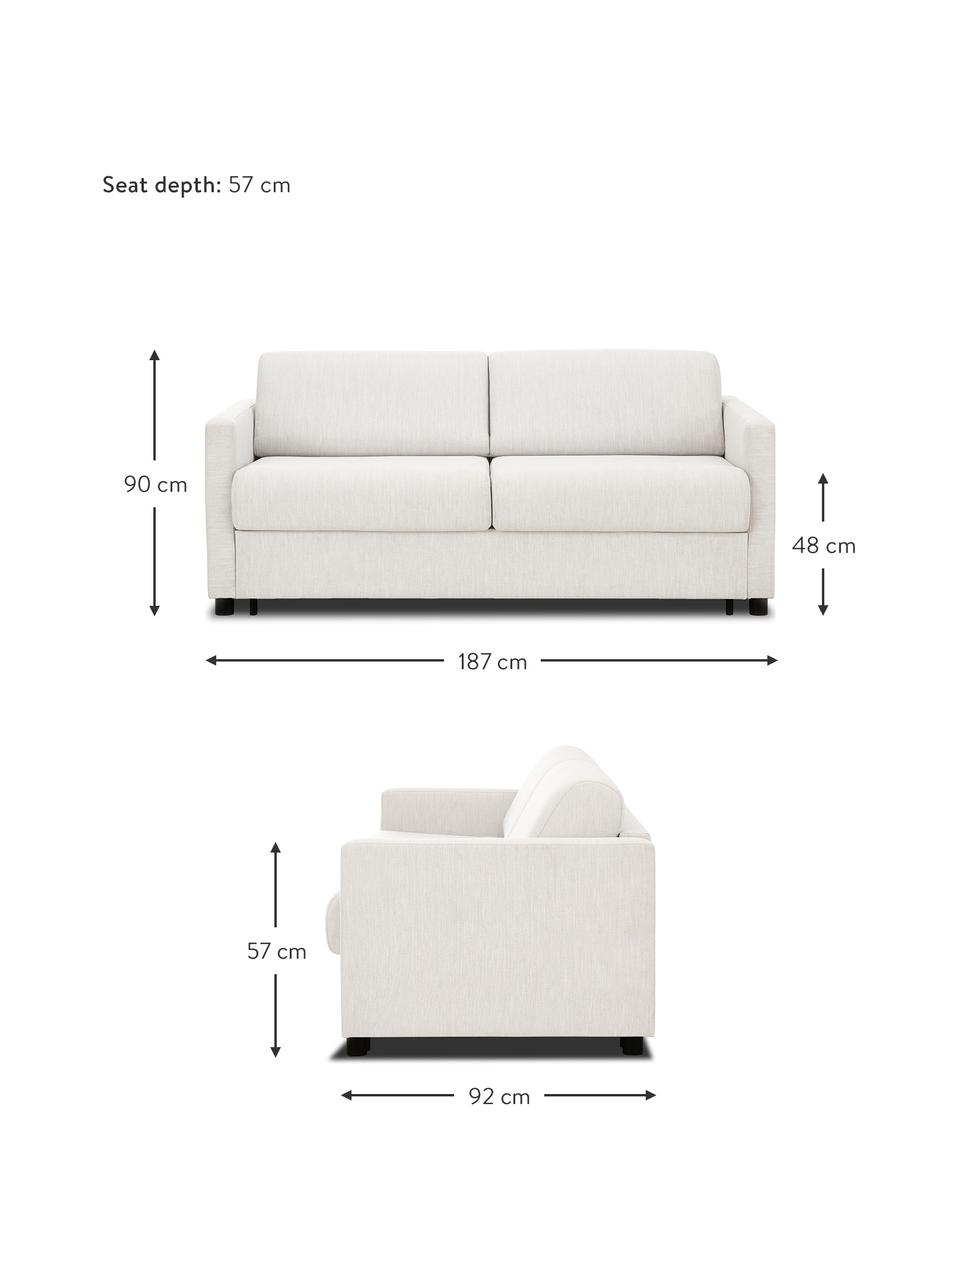 Sofa rozkładana z materacem Morgan (2-osobowa), Tapicerka: 100% poliester Dzięki tka, Nogi: lite drewno sosnowe, laki, Beżowy, S 187 x G 92 cm